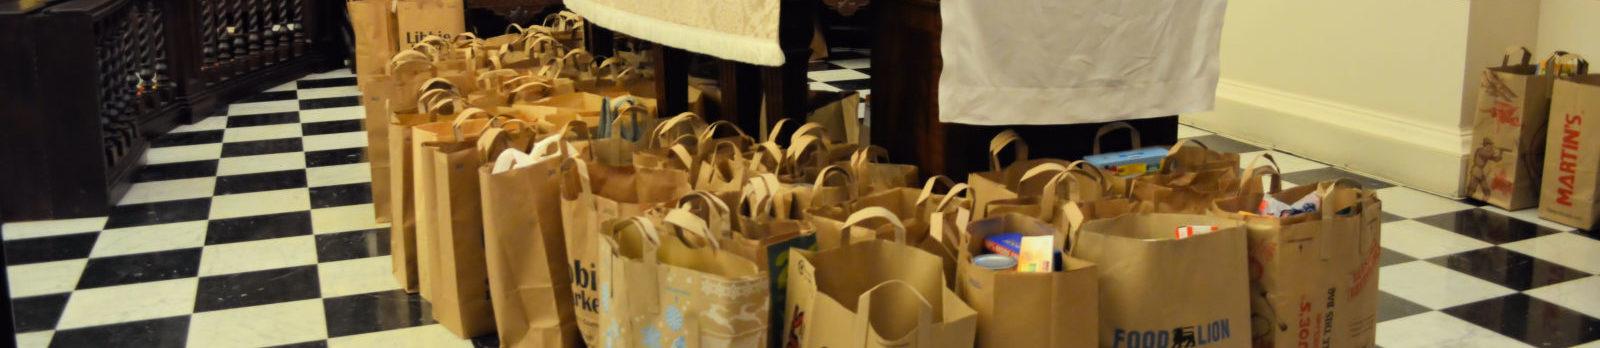 Food Gifts At Altar